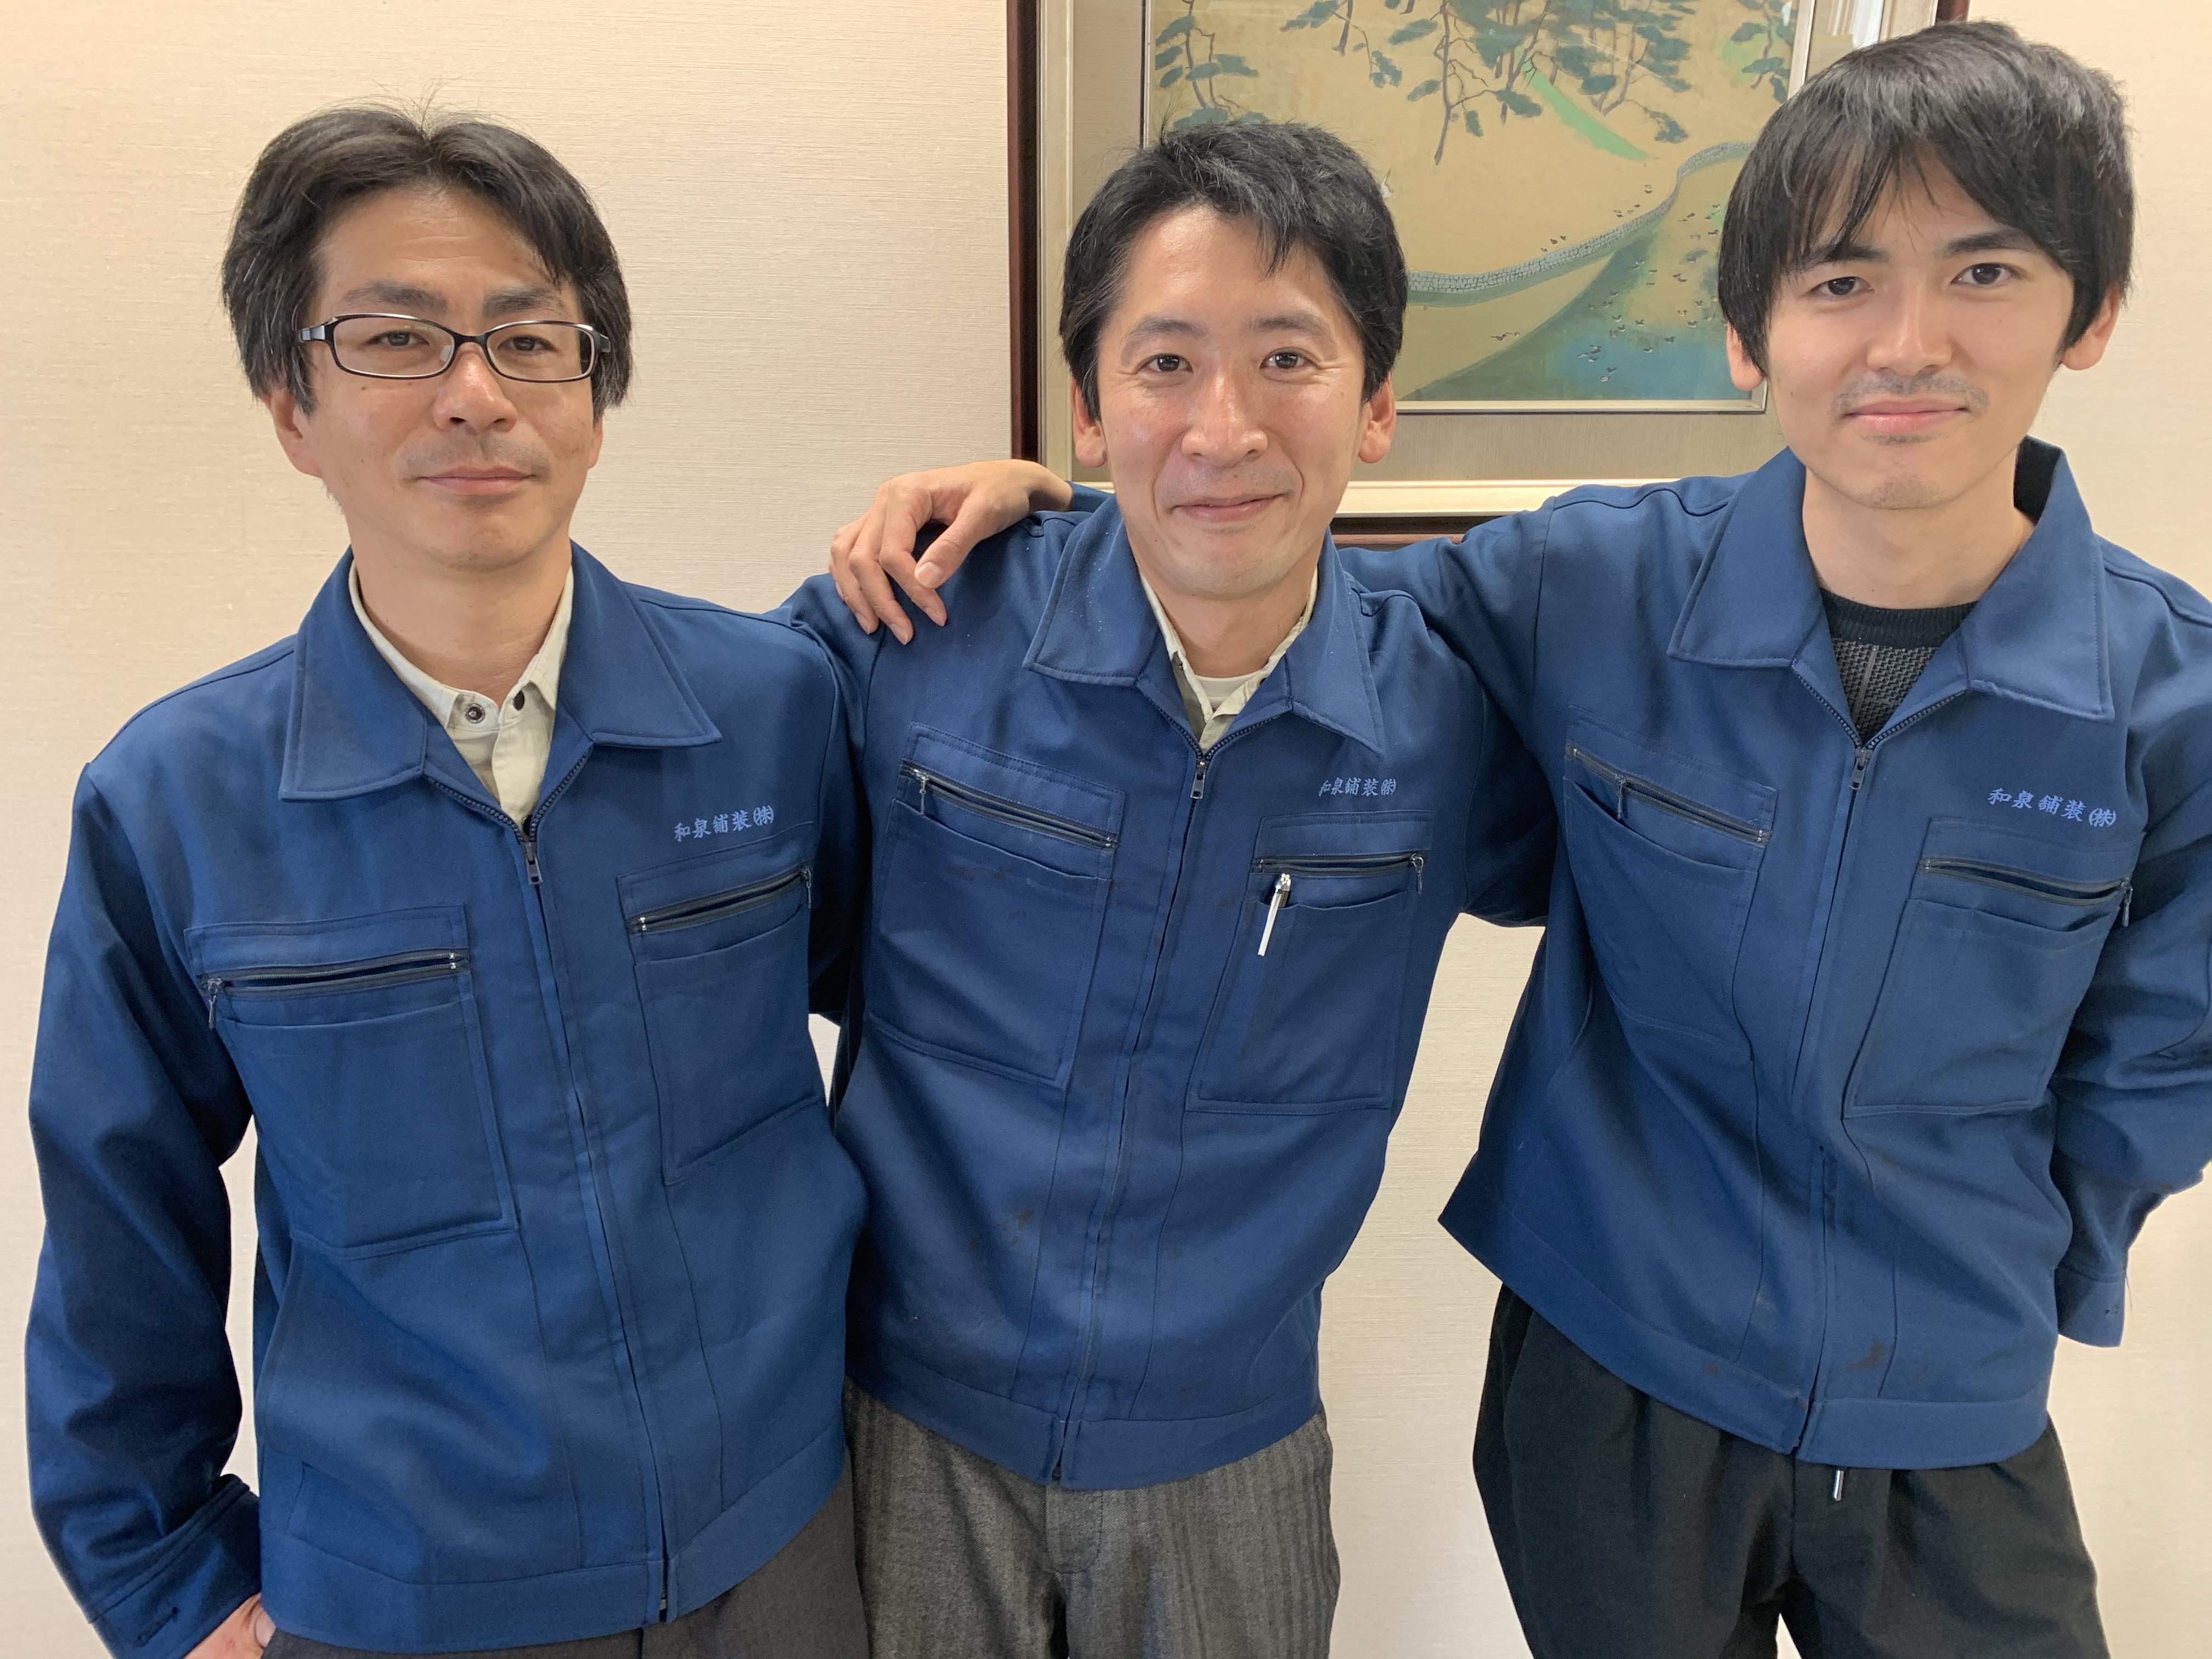 和泉舗装株式会社の求人画像